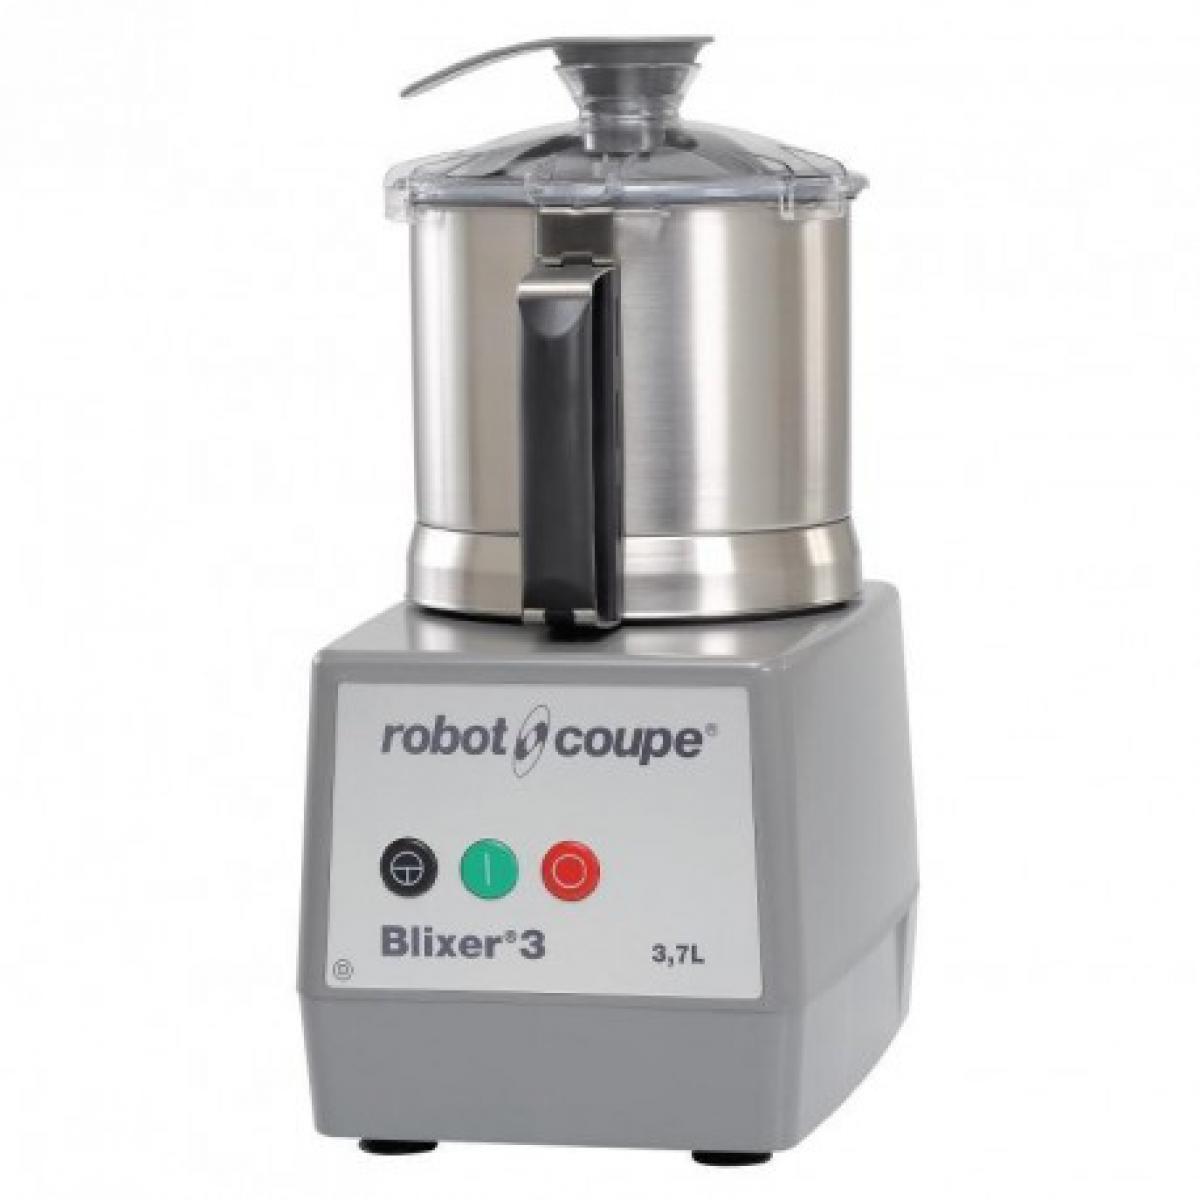 Robot Coupe Cutter de cuisine Blixer 3 - Robot Coupe -